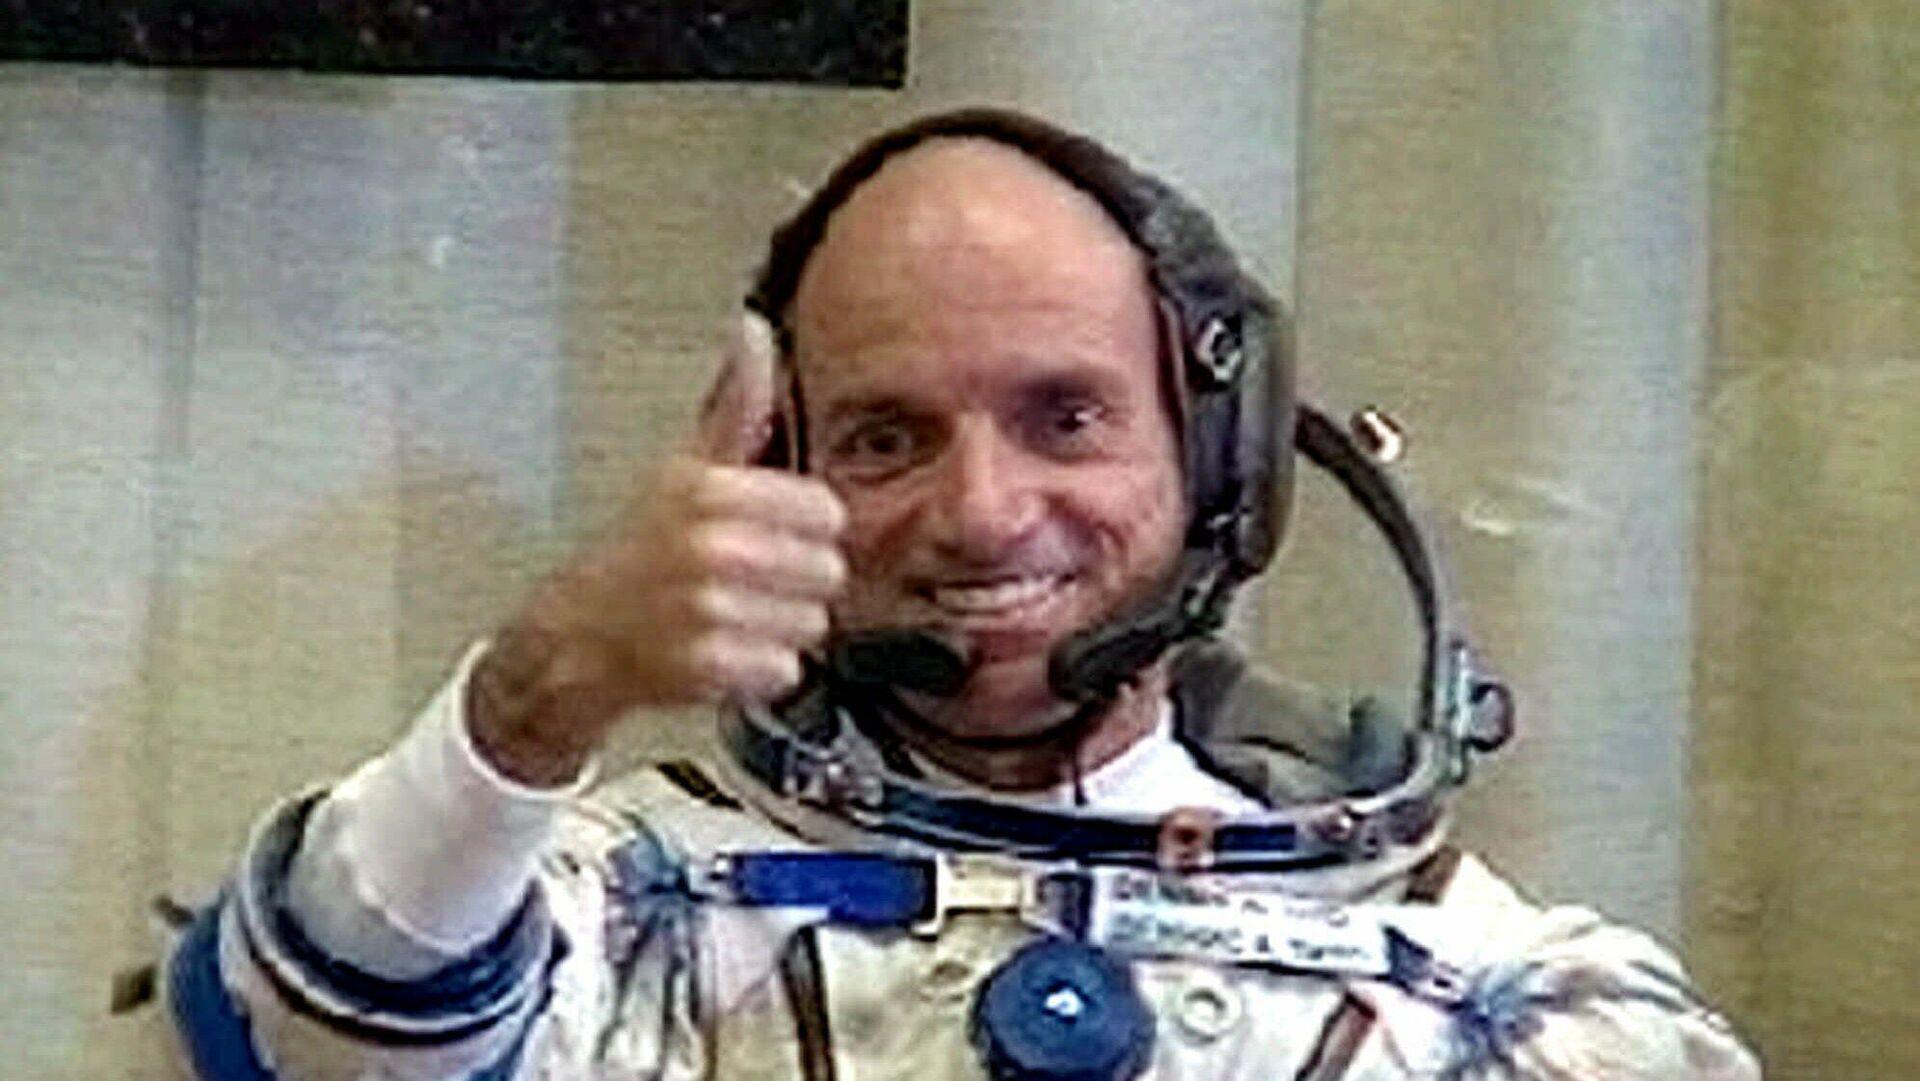 Деннис Тито — первый космический турист, оплативший свой полёт в космос - РИА Новости, 1920, 28.04.2021